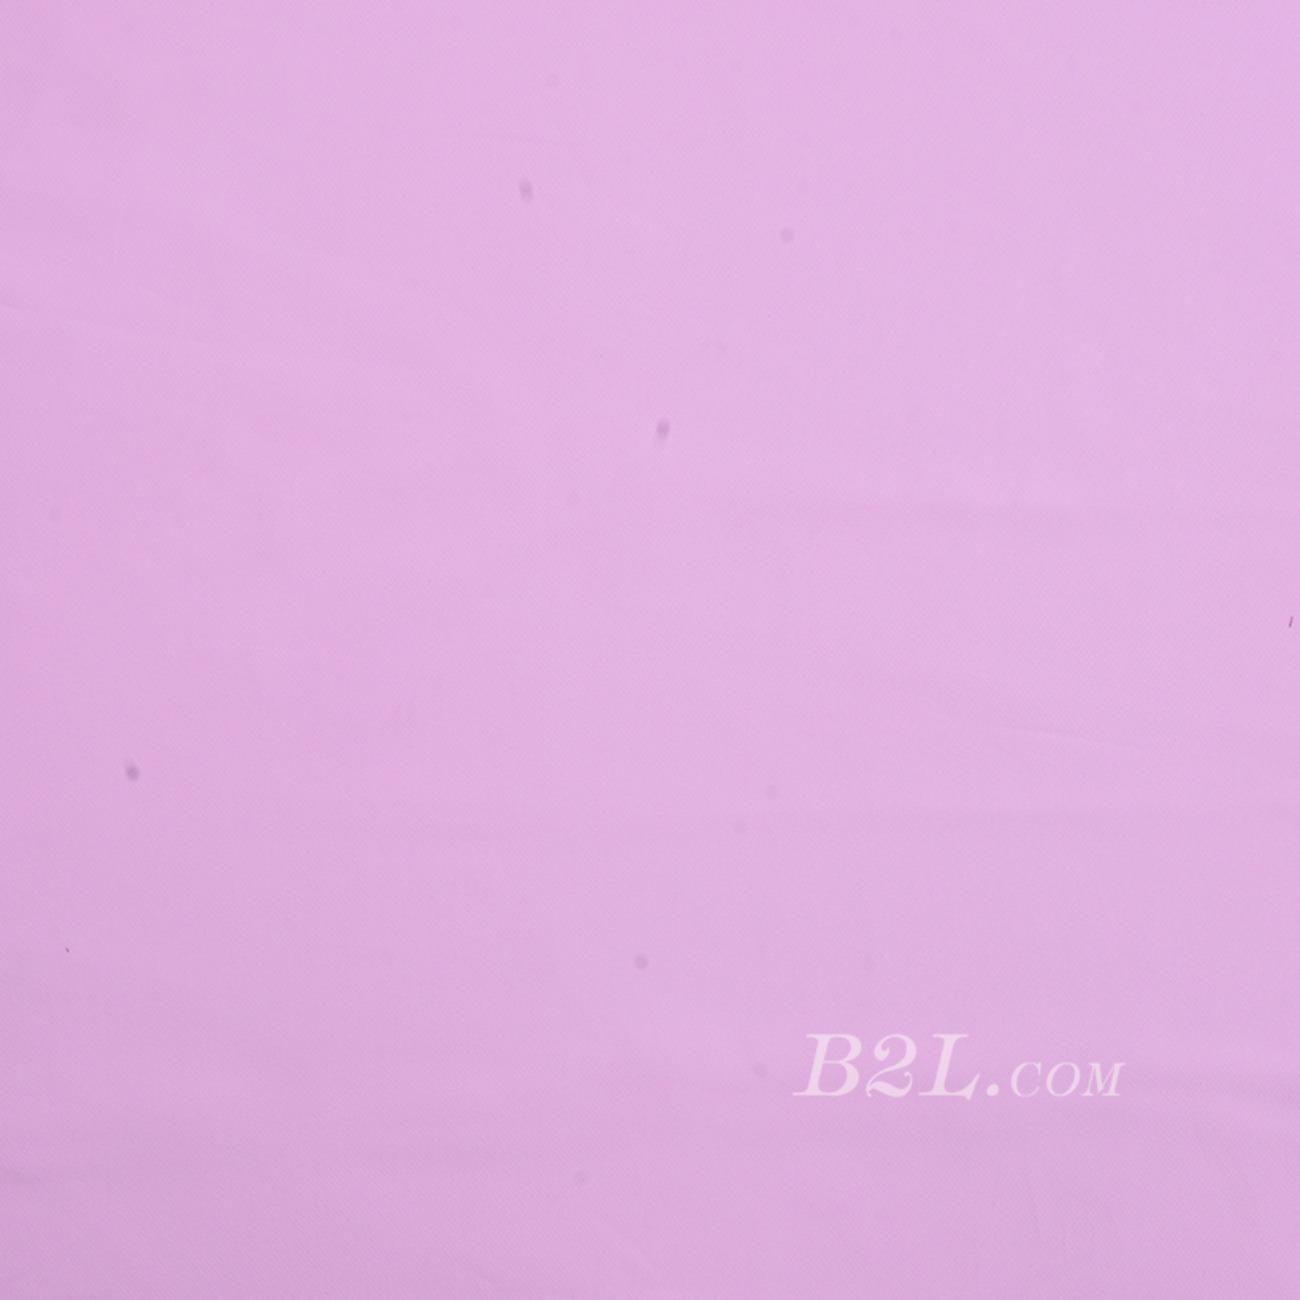 斜纹梭织素色染色连衣裙 短裙 衬衫 低弹 春 秋 柔软 70823-21